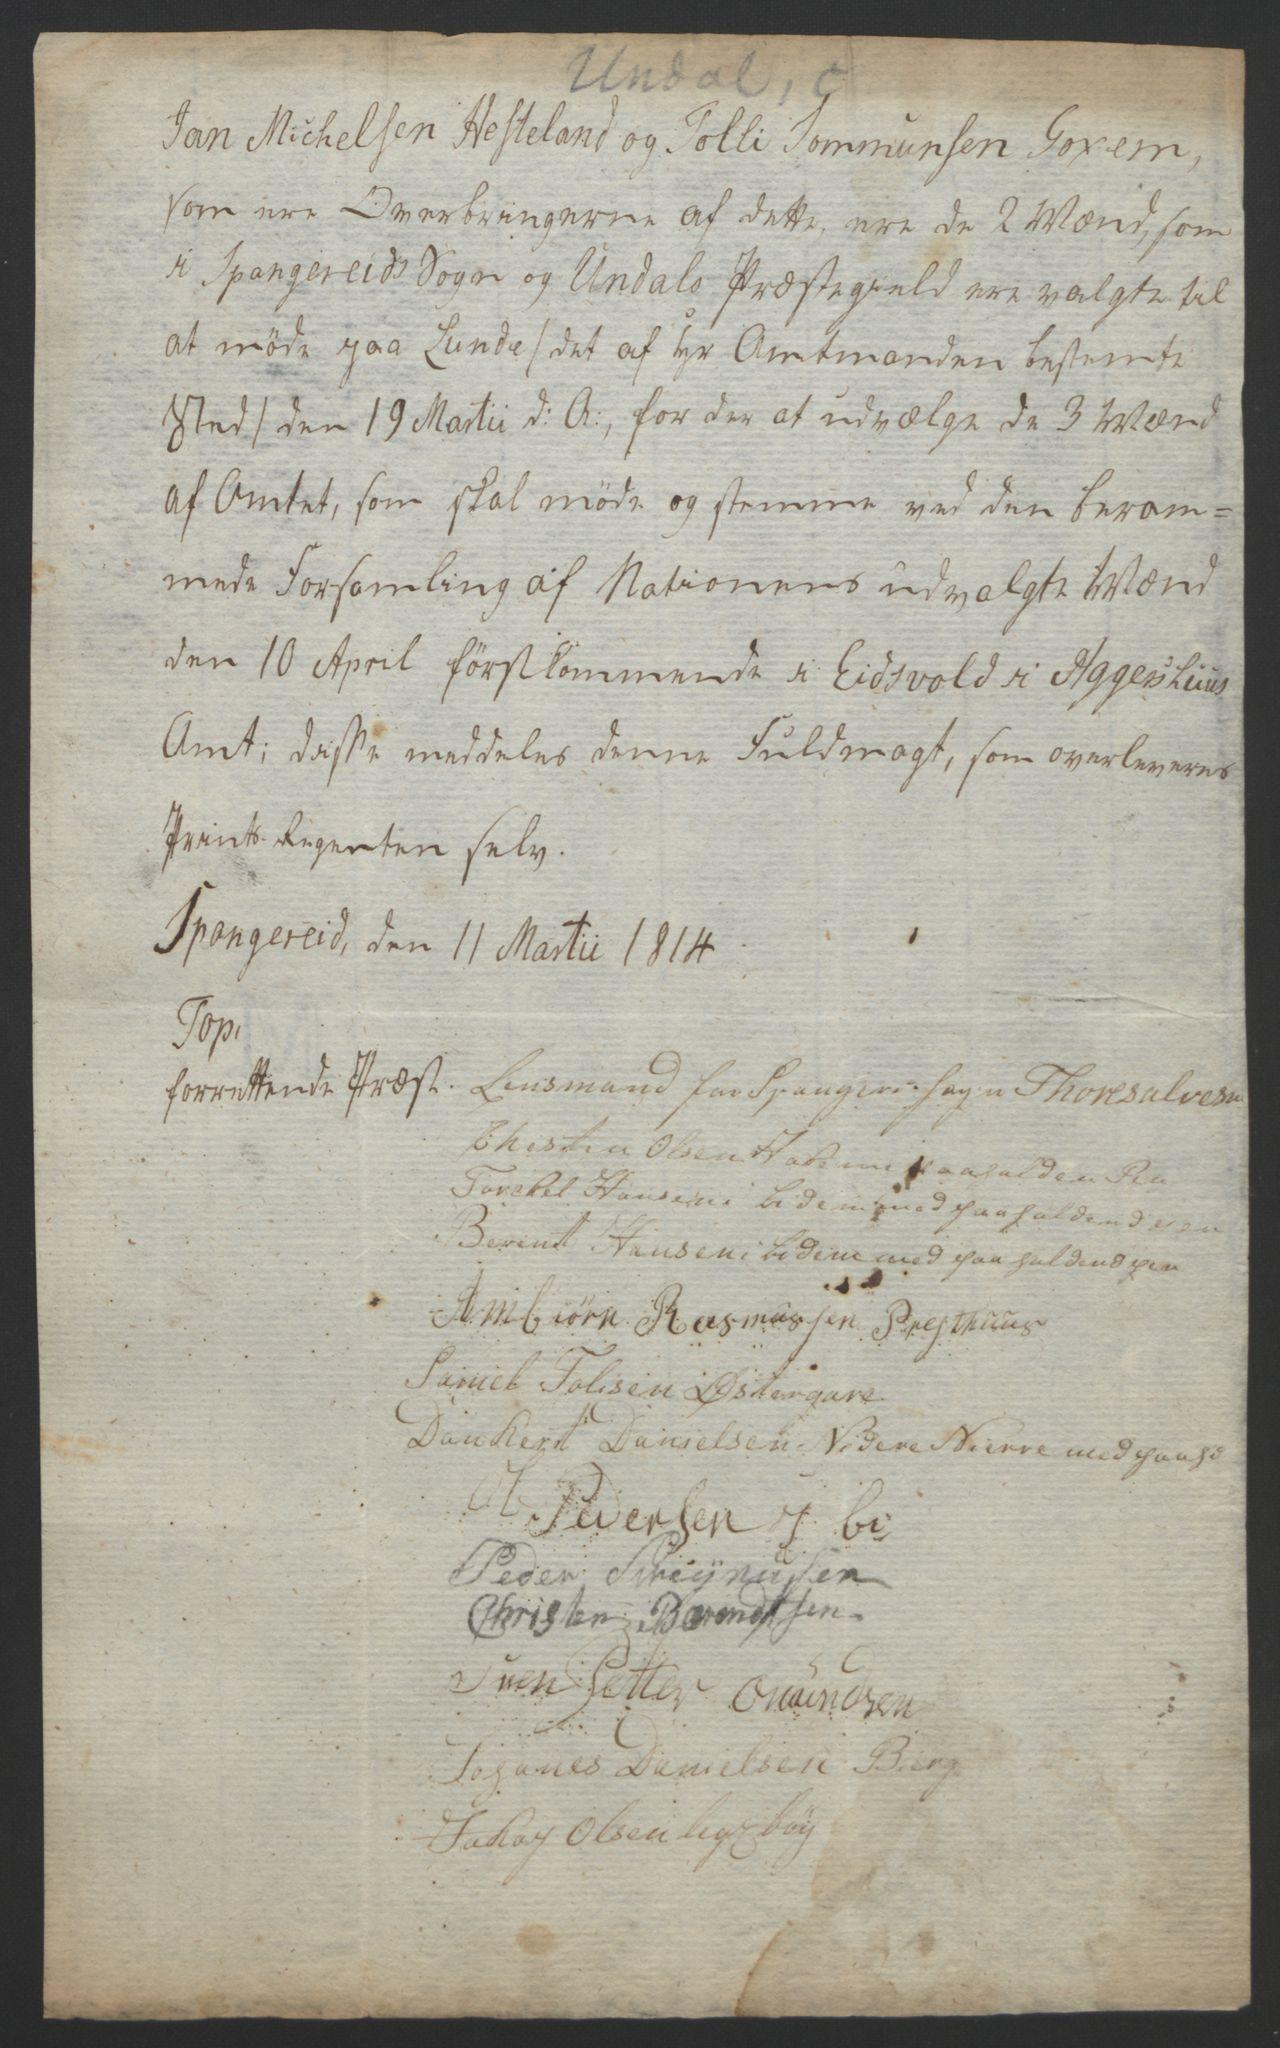 RA, Statsrådssekretariatet, D/Db/L0008: Fullmakter for Eidsvollsrepresentantene i 1814. , 1814, s. 140